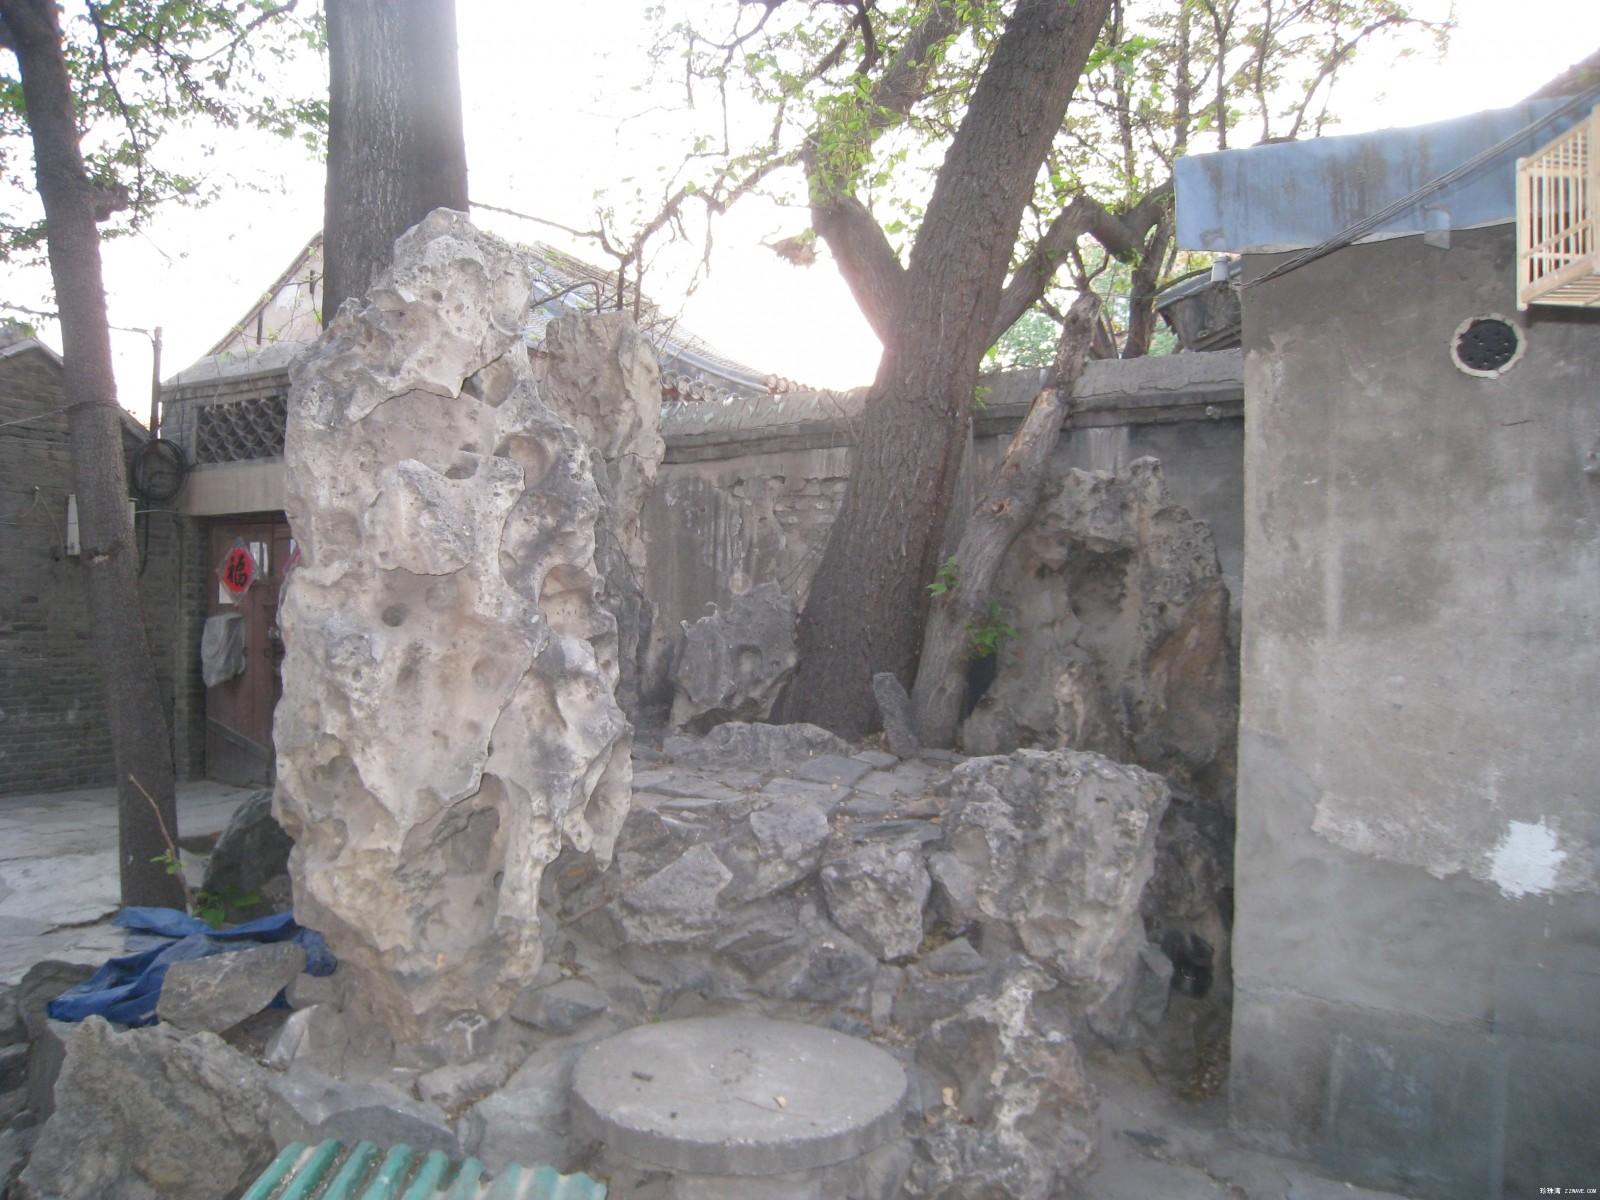 京城偶感 七律 - lliiang1017 - 燕山红场的博客